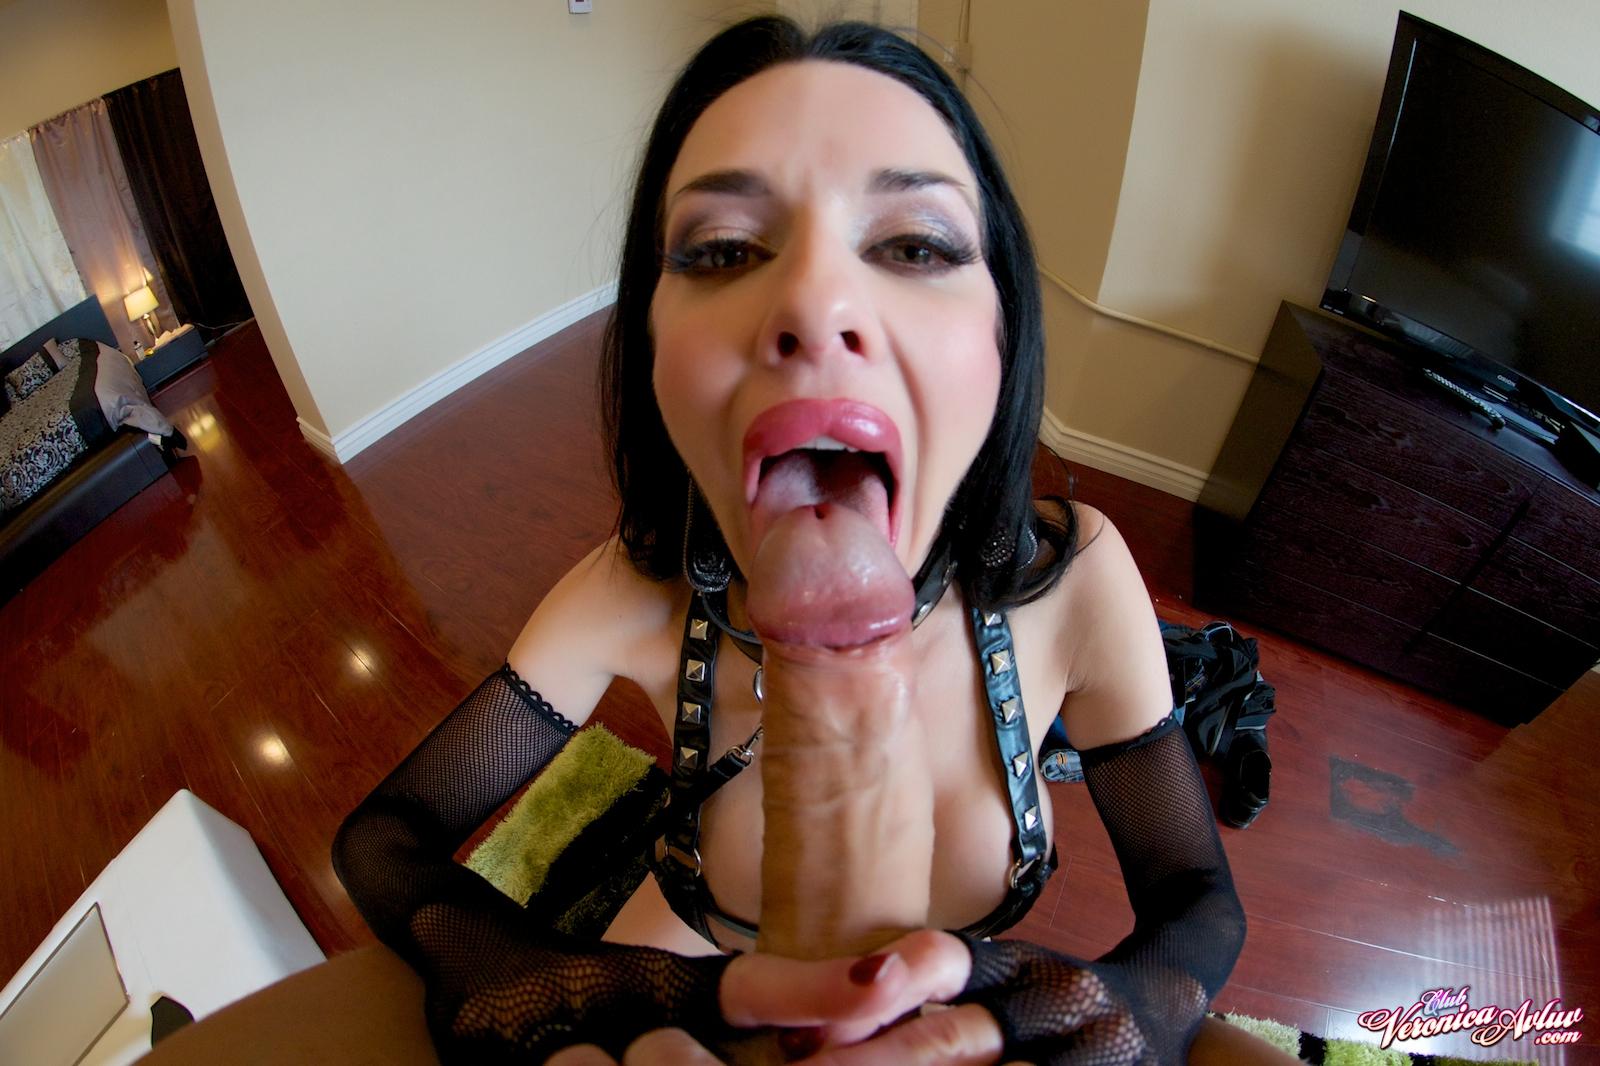 Veronica Avluv Pov Hd Pornofilme YouPorncom